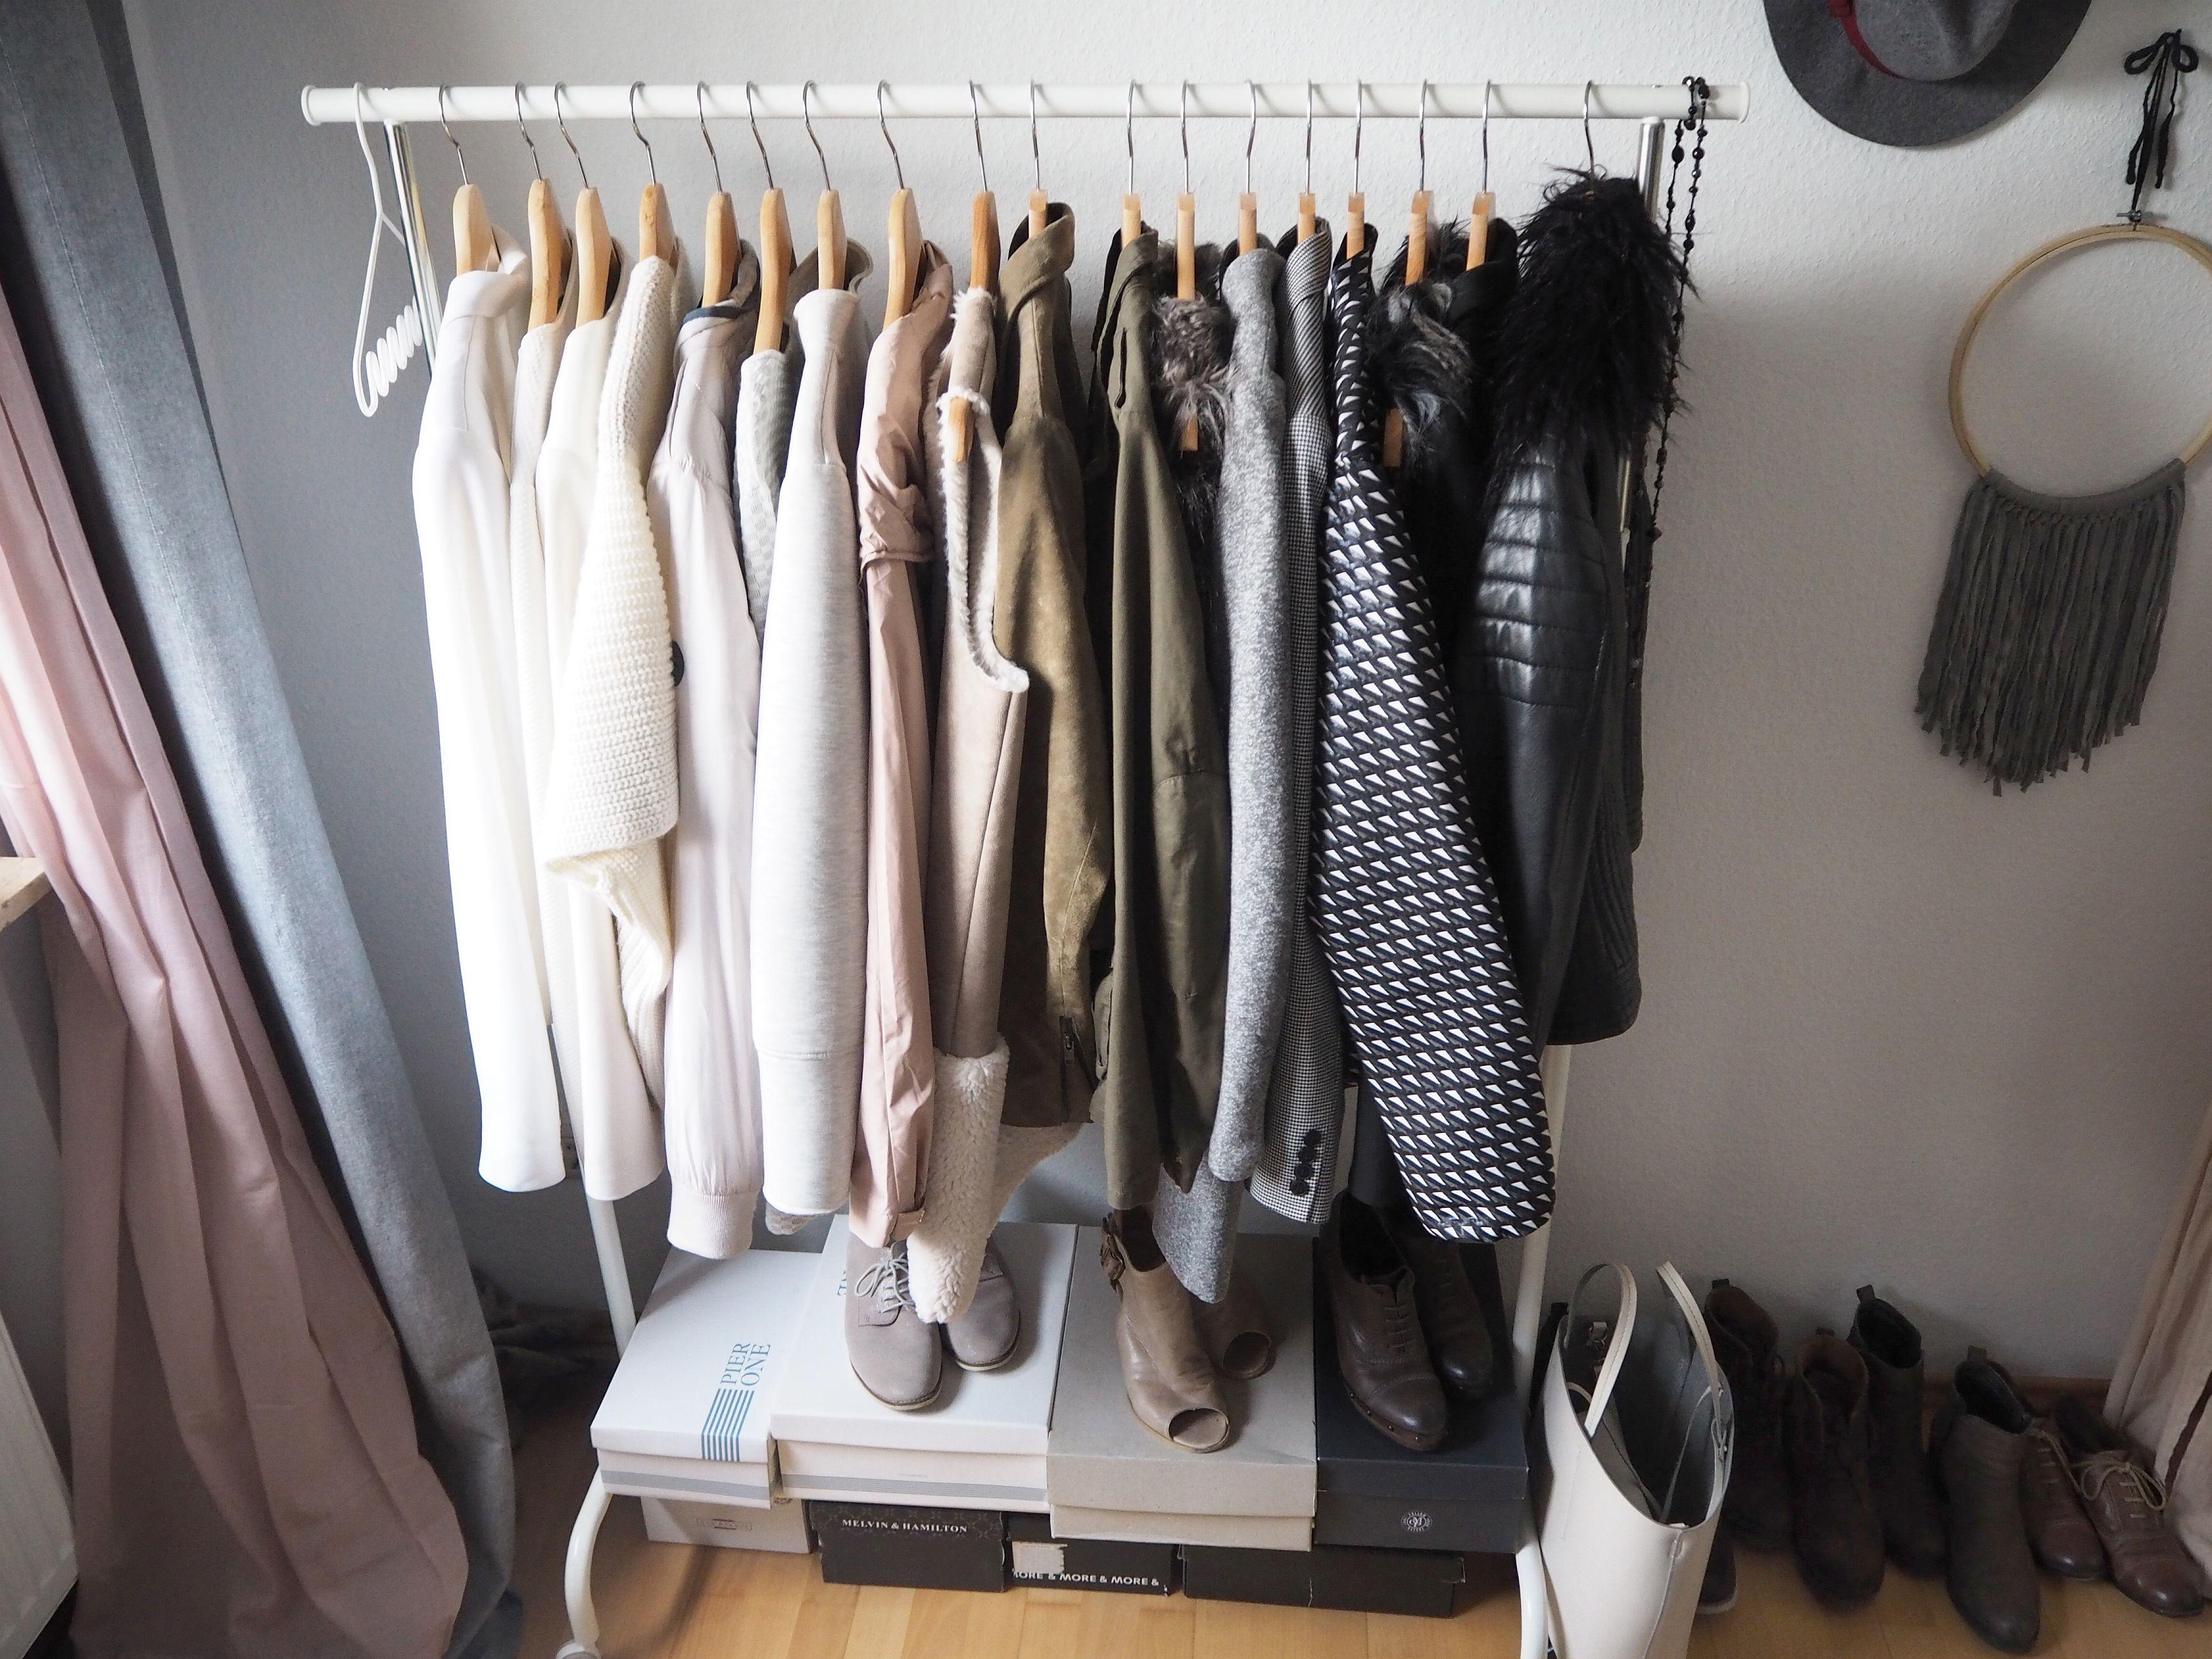 2018-04-skoen-och-kreativ-interior-farben-fuers-schlafzimmer-zartes-rose-und-gelb (38)